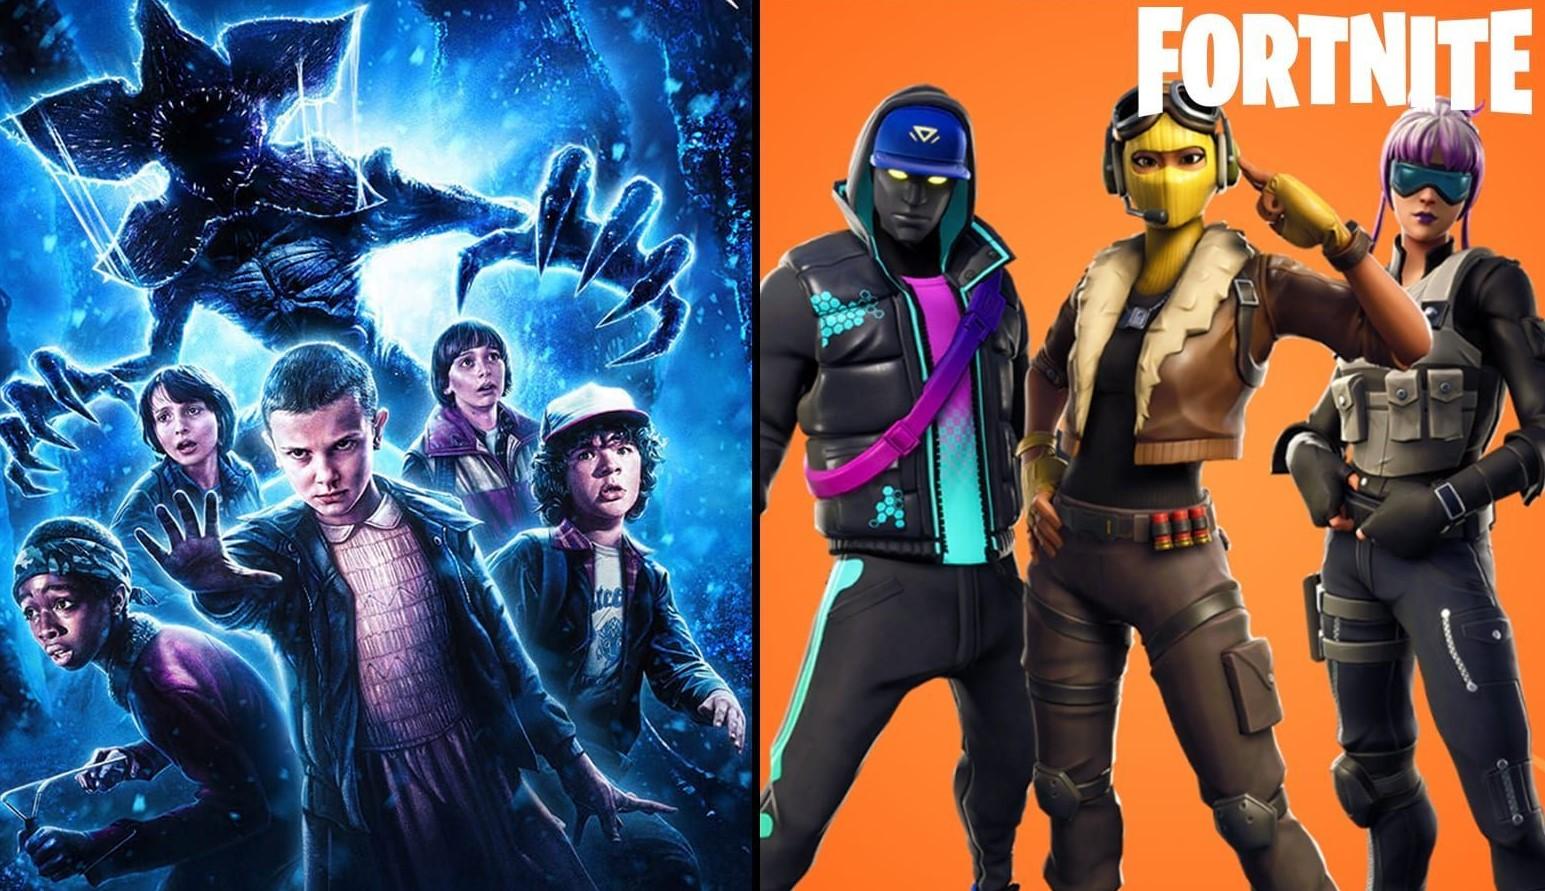 El nuevo crossover de Fortnite podría ser una verdadera bomba: Stranger Things